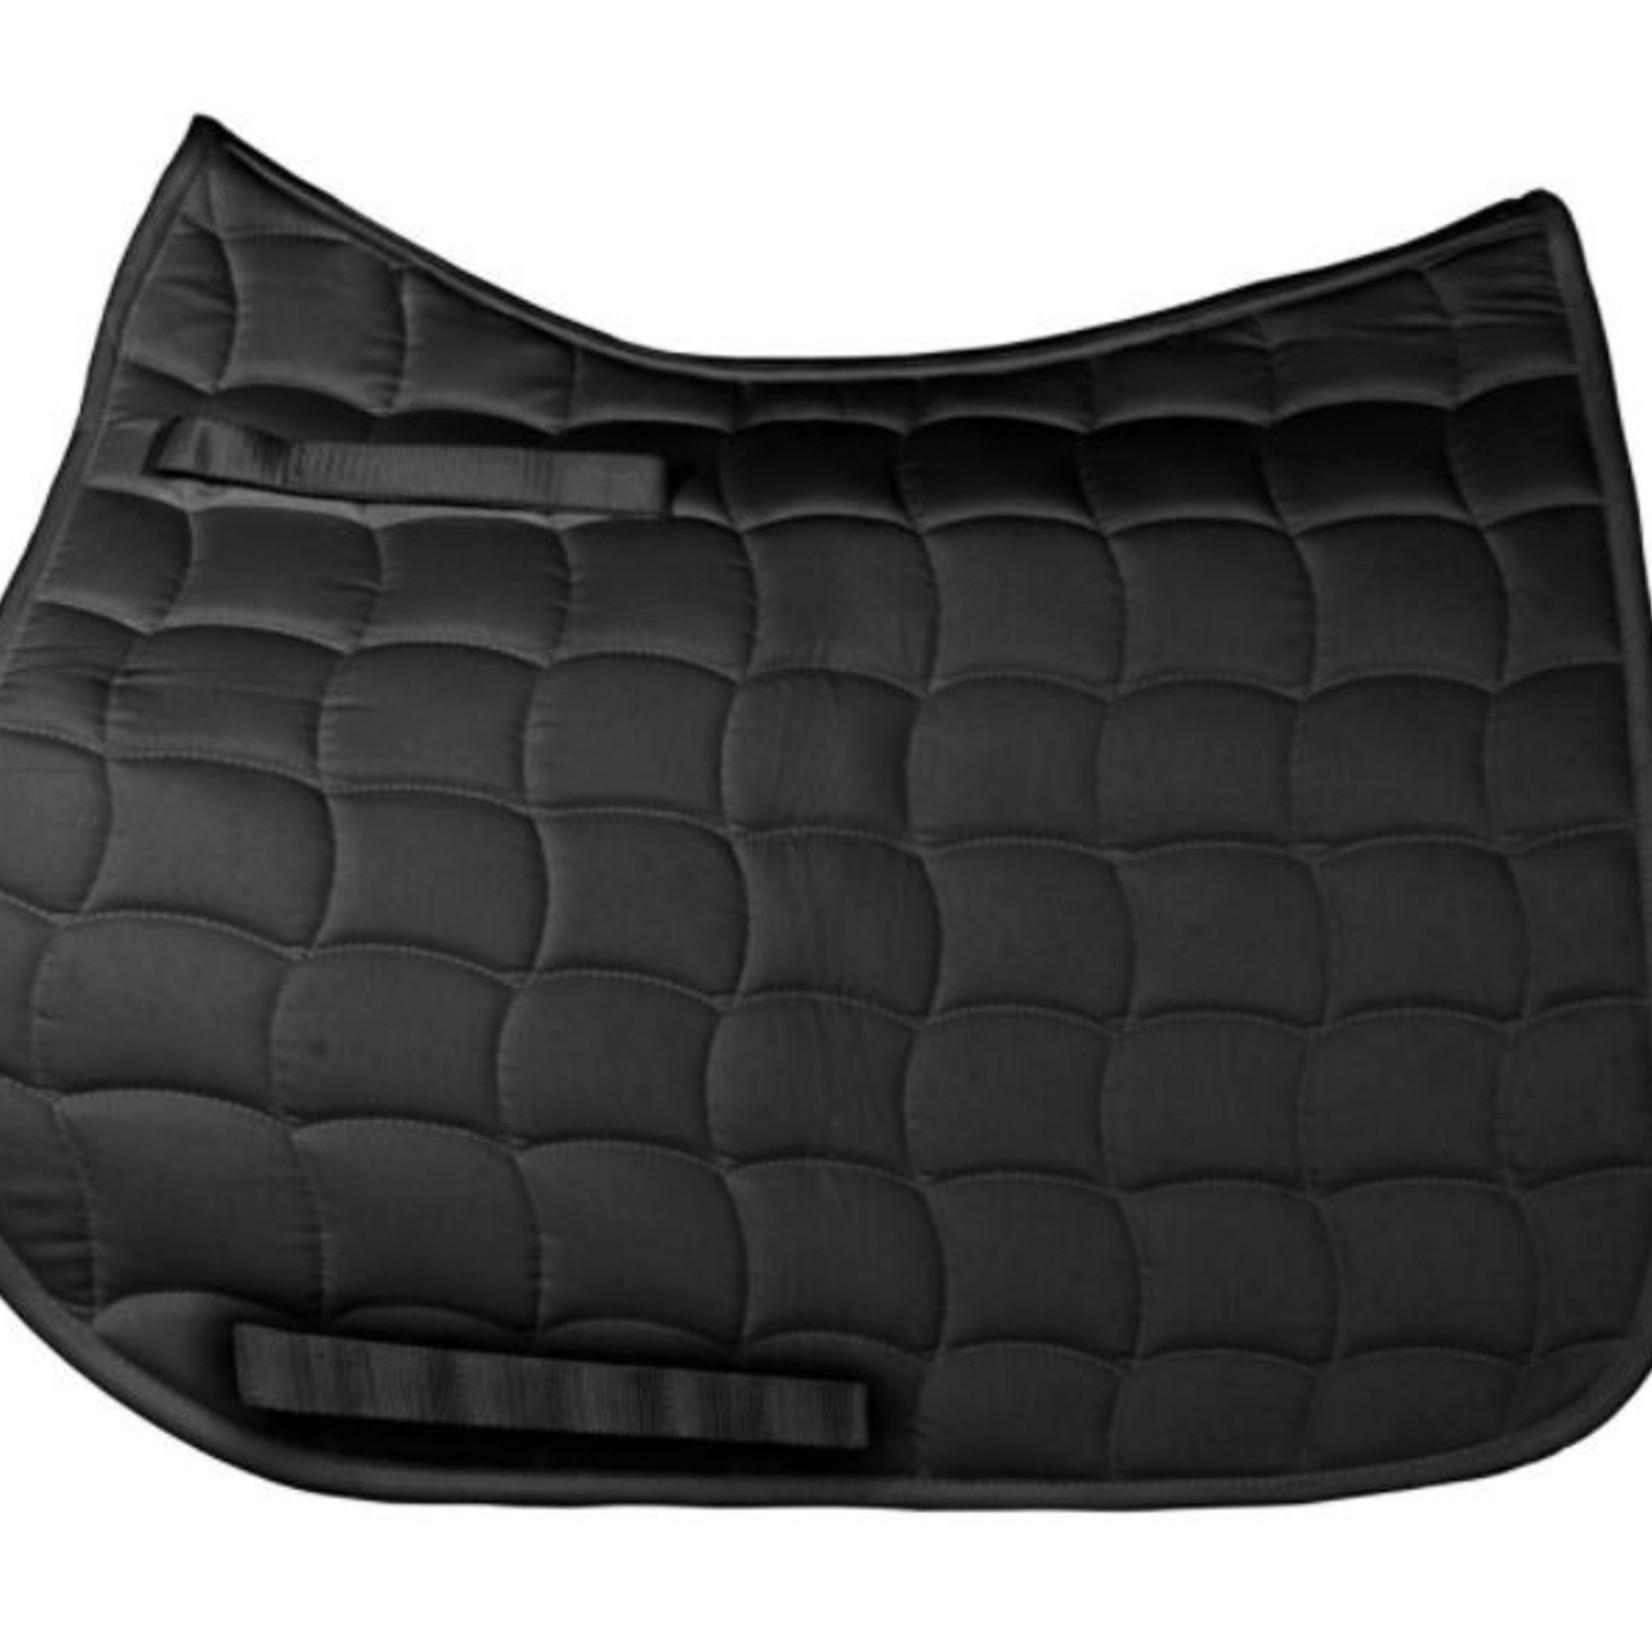 D-Tech 3D Airflow AP Pad - Black